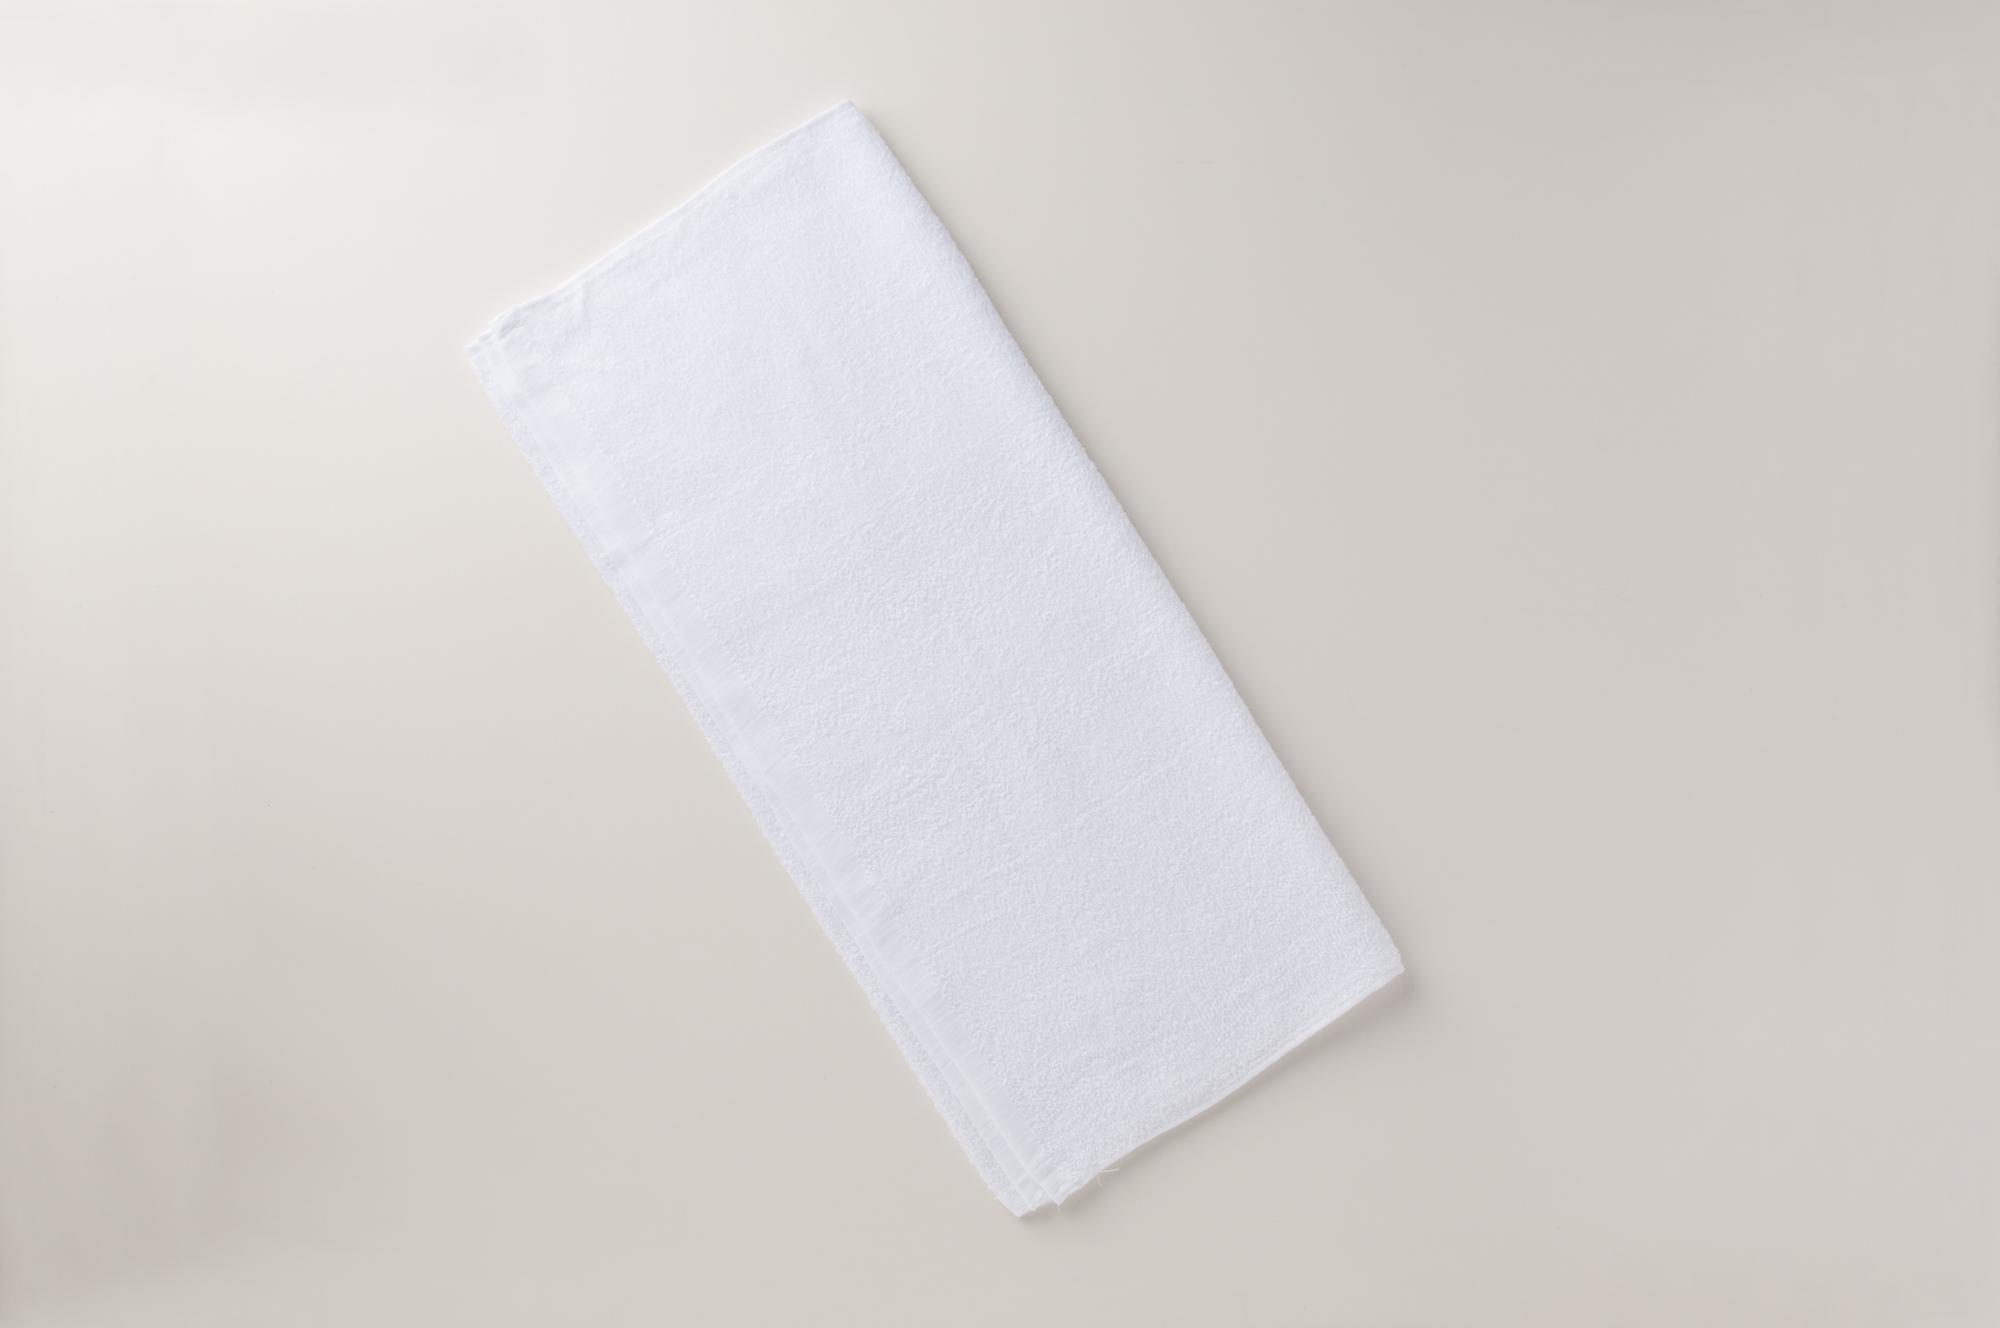 中国製460匁白バスタオル